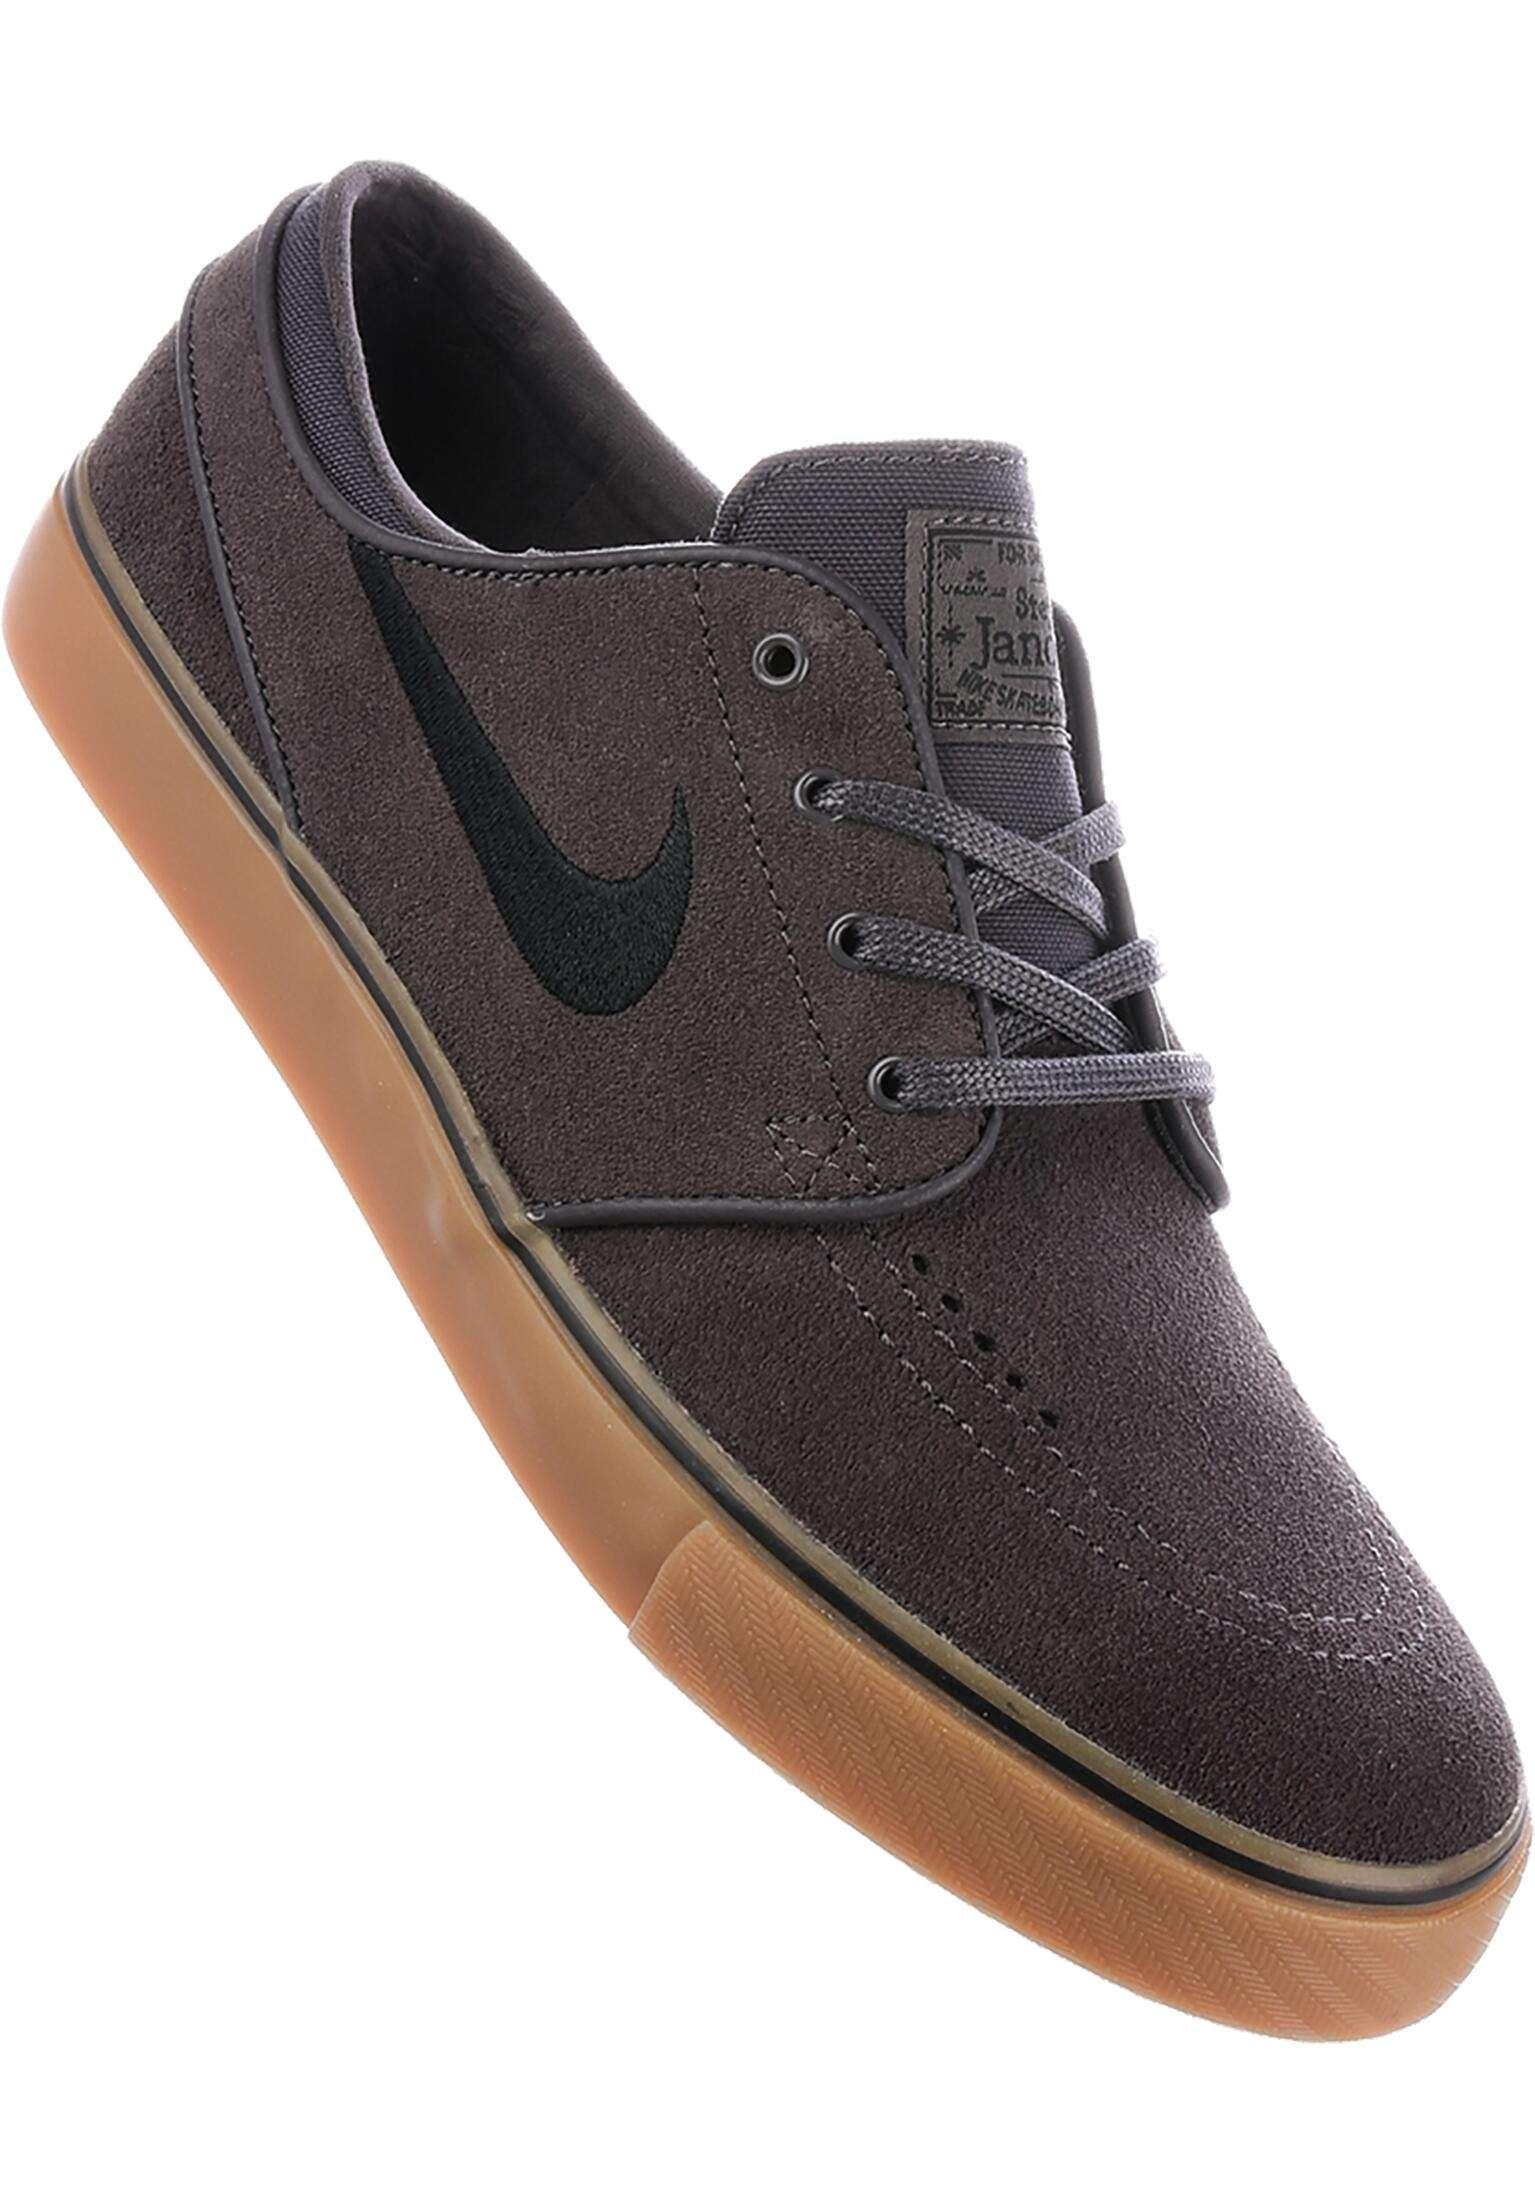 a2125af1df4 Zoom Stefan Janoski Nike SB All Shoes in thundergrey-black-gum for Men